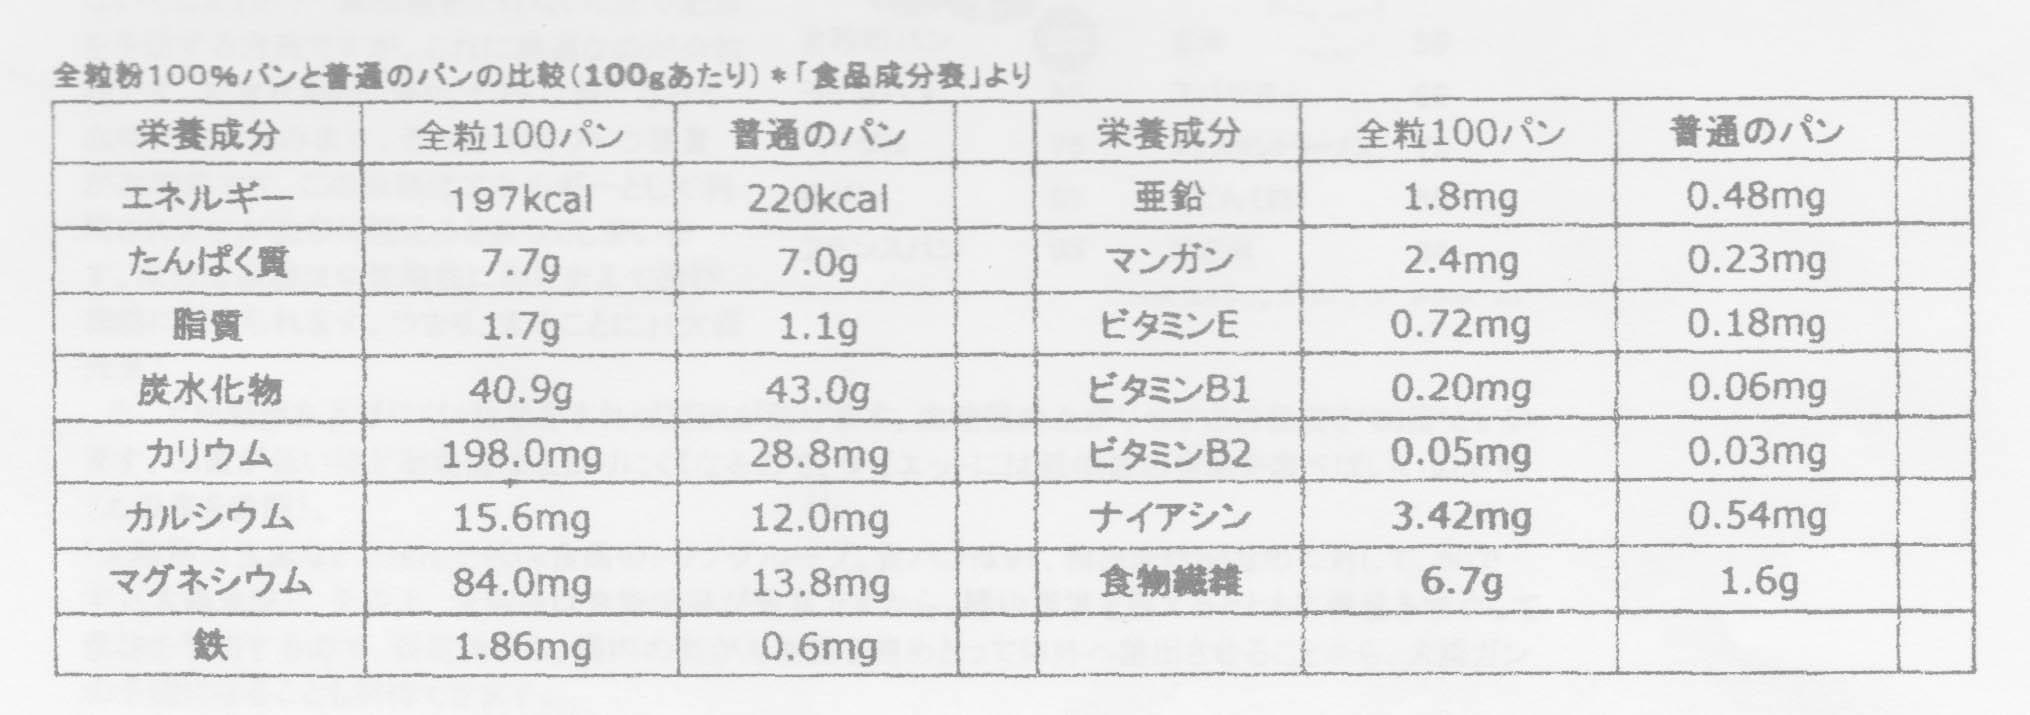 全粒粉のパンと普通のパンの成分比較表